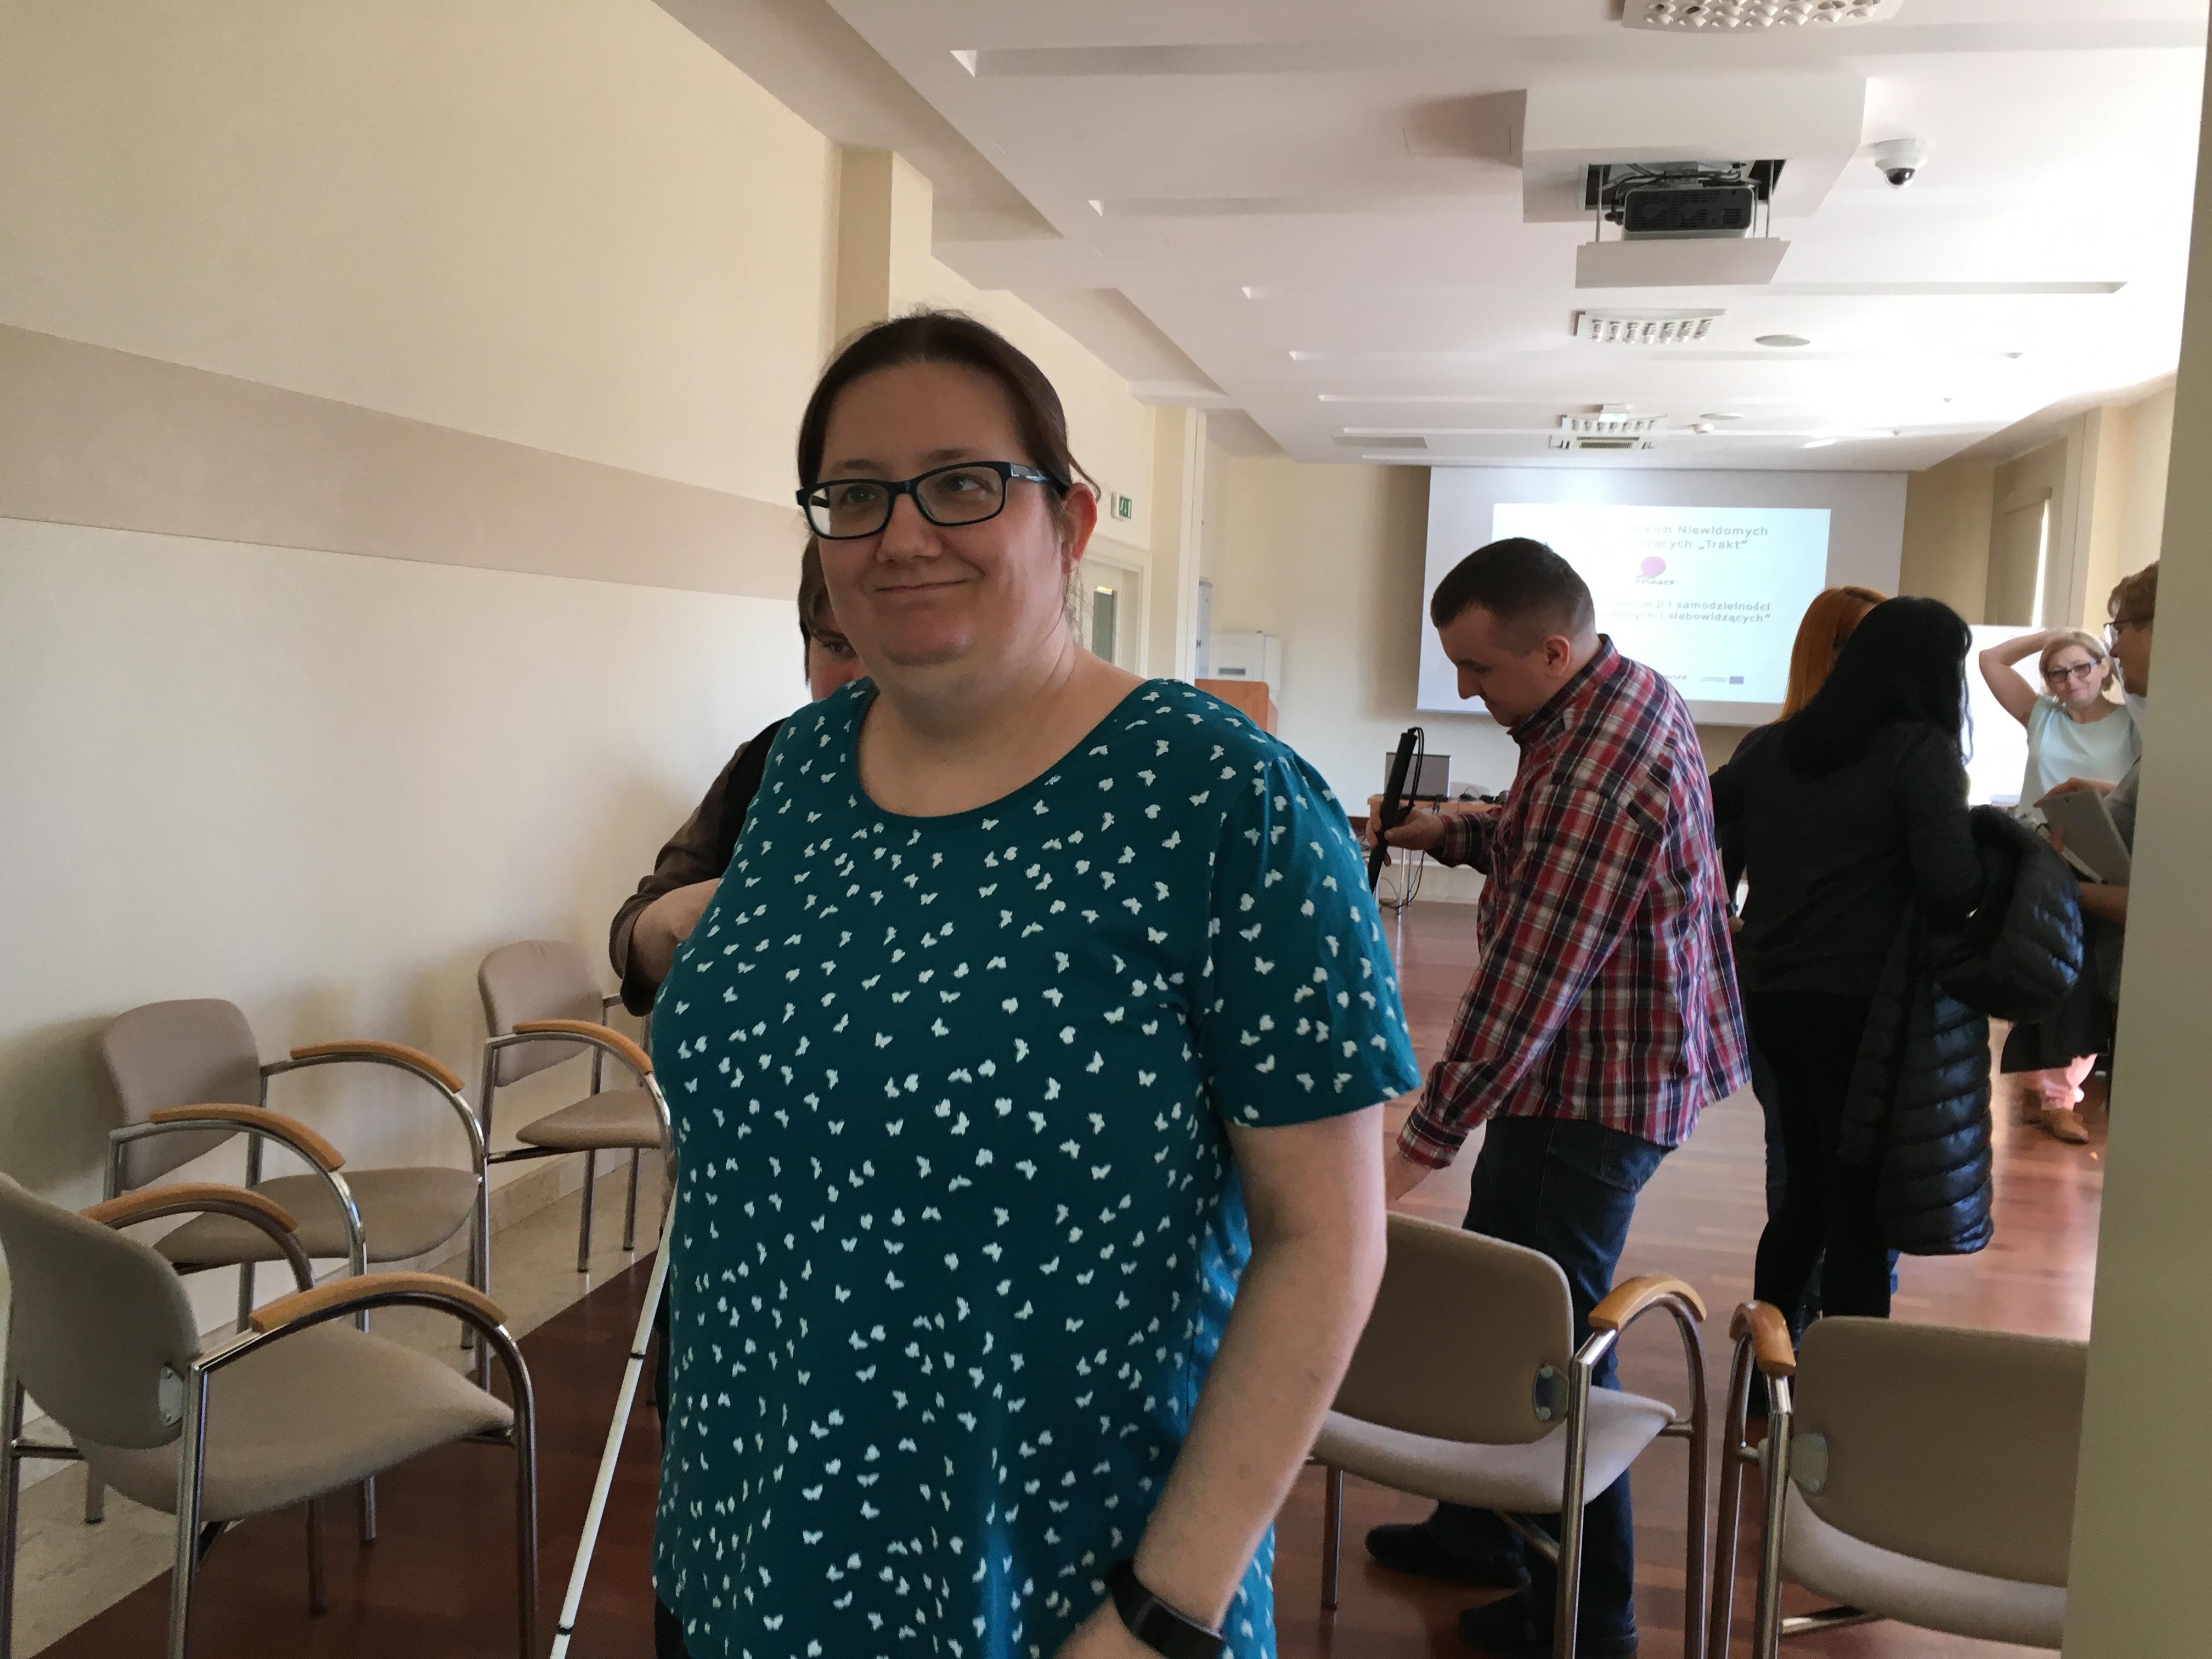 Kilka osób opuszczających salę konferencyjną,  w której znajdują się białe, tapicerowane  krzesła. Na pierwszym planie lekko uśmiechnięta brunetka w okularach z ciemnymi oprawkami. Ubrana jest w niebieską bluzkę w białe groszki. Trzyma w ręku laskę.